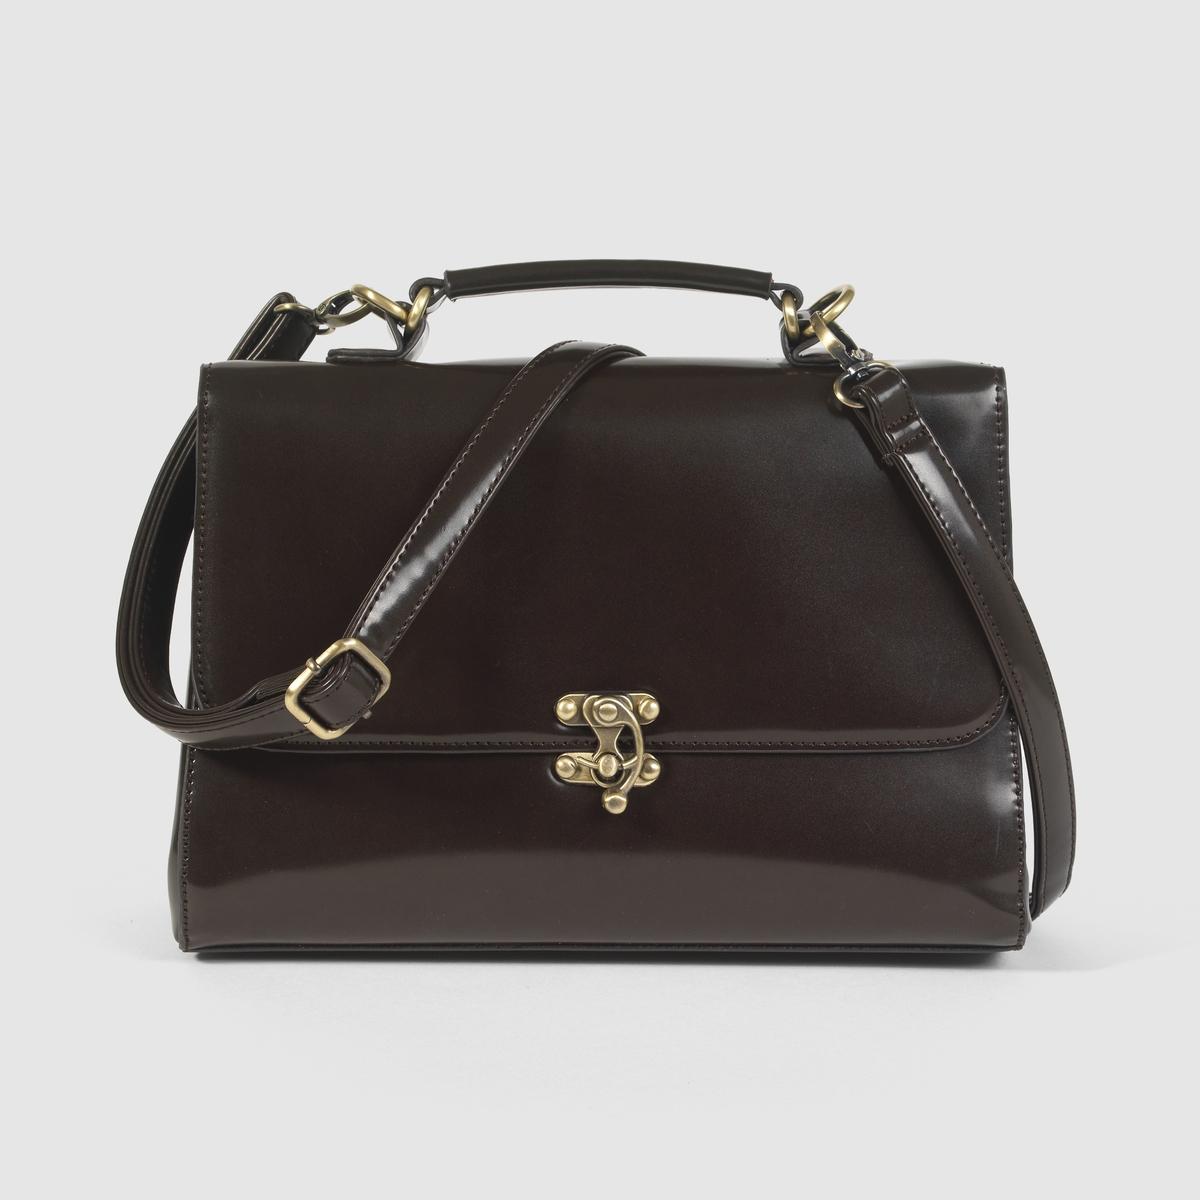 Сумка-портфельПреимущества : элегантный стиль нео-ретро сейчас на пике моды - эта сумка с изящной отделкой станет для Вас незаменимым аксессуаром в новом сезоне.<br><br>Цвет: каштановый